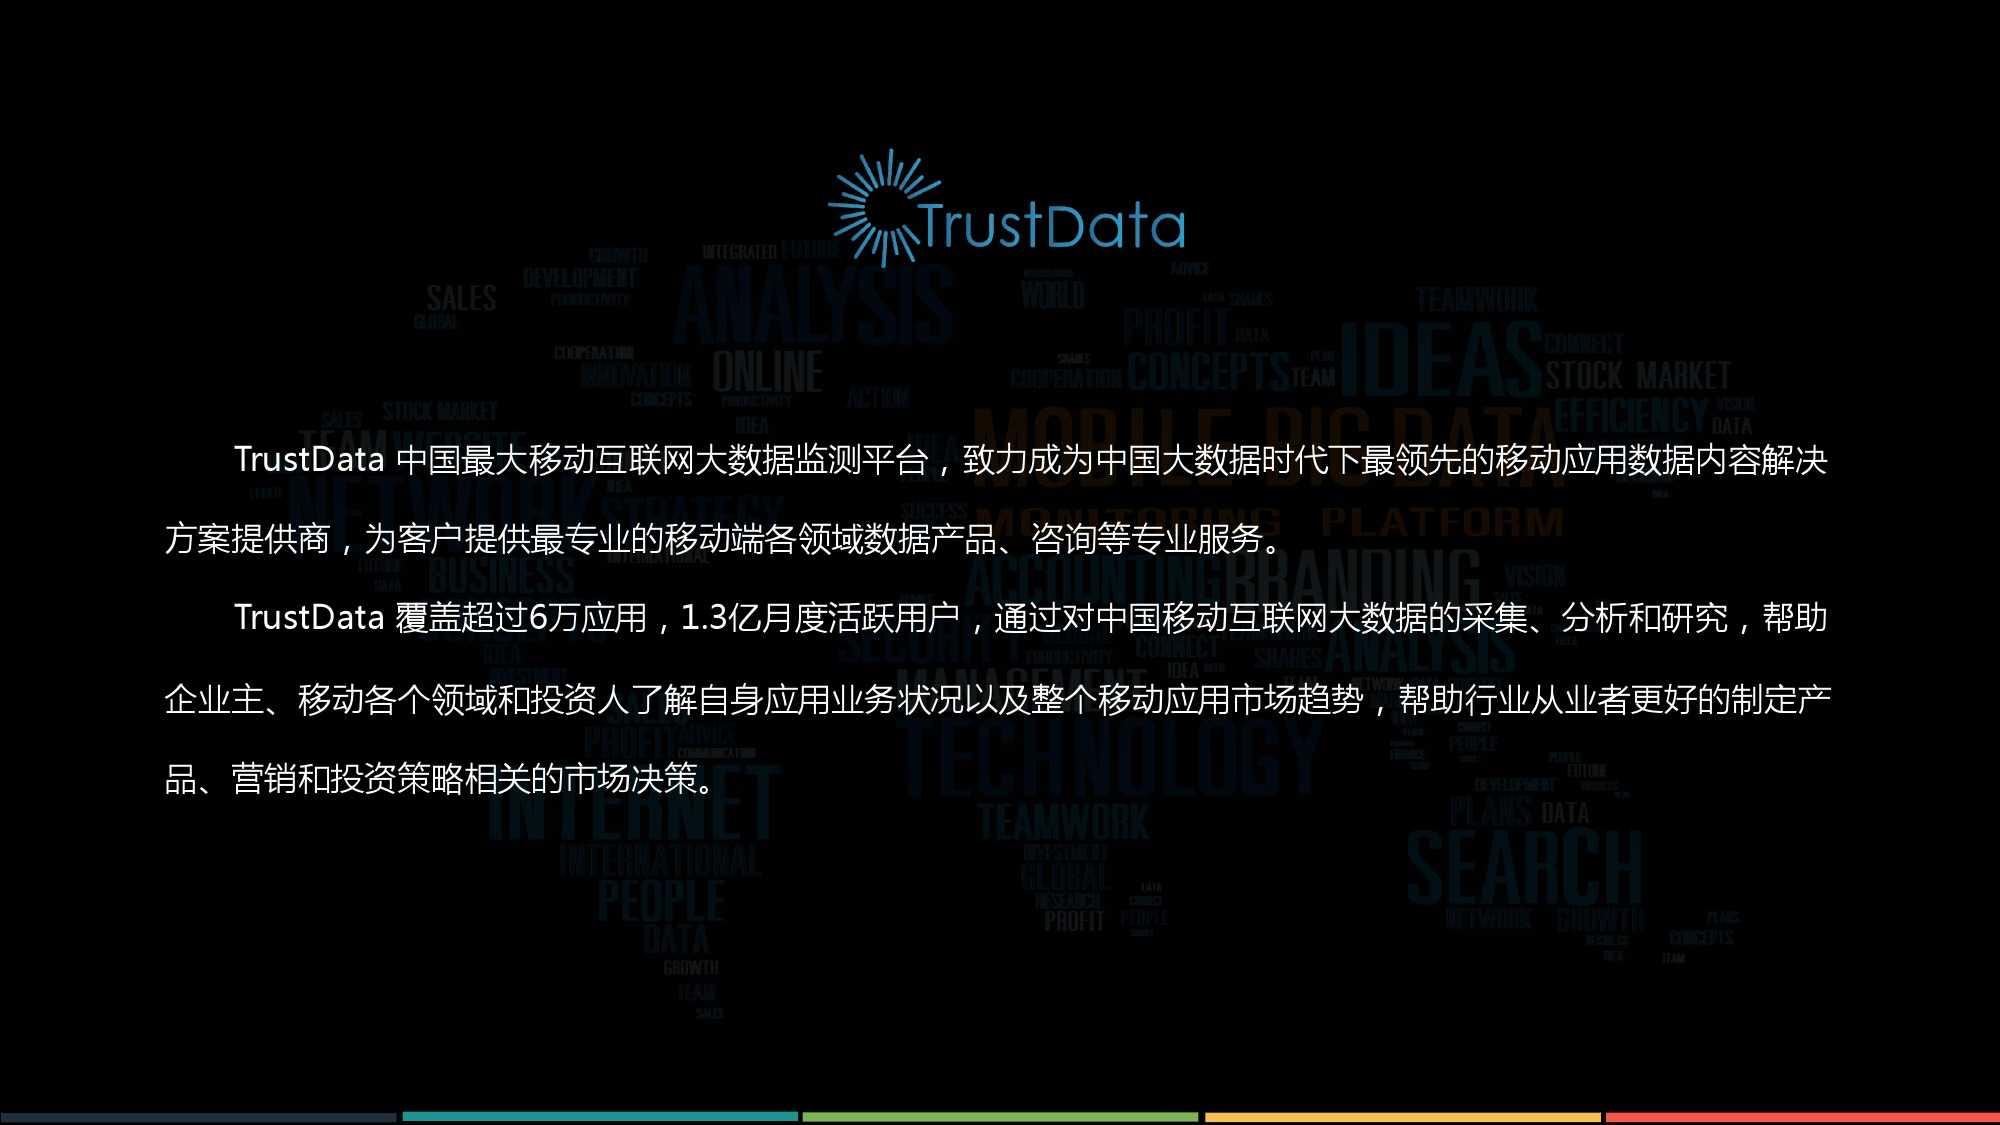 2015年1月至10月中国移动互联网新闻客户端发展分析报告 Final_000024